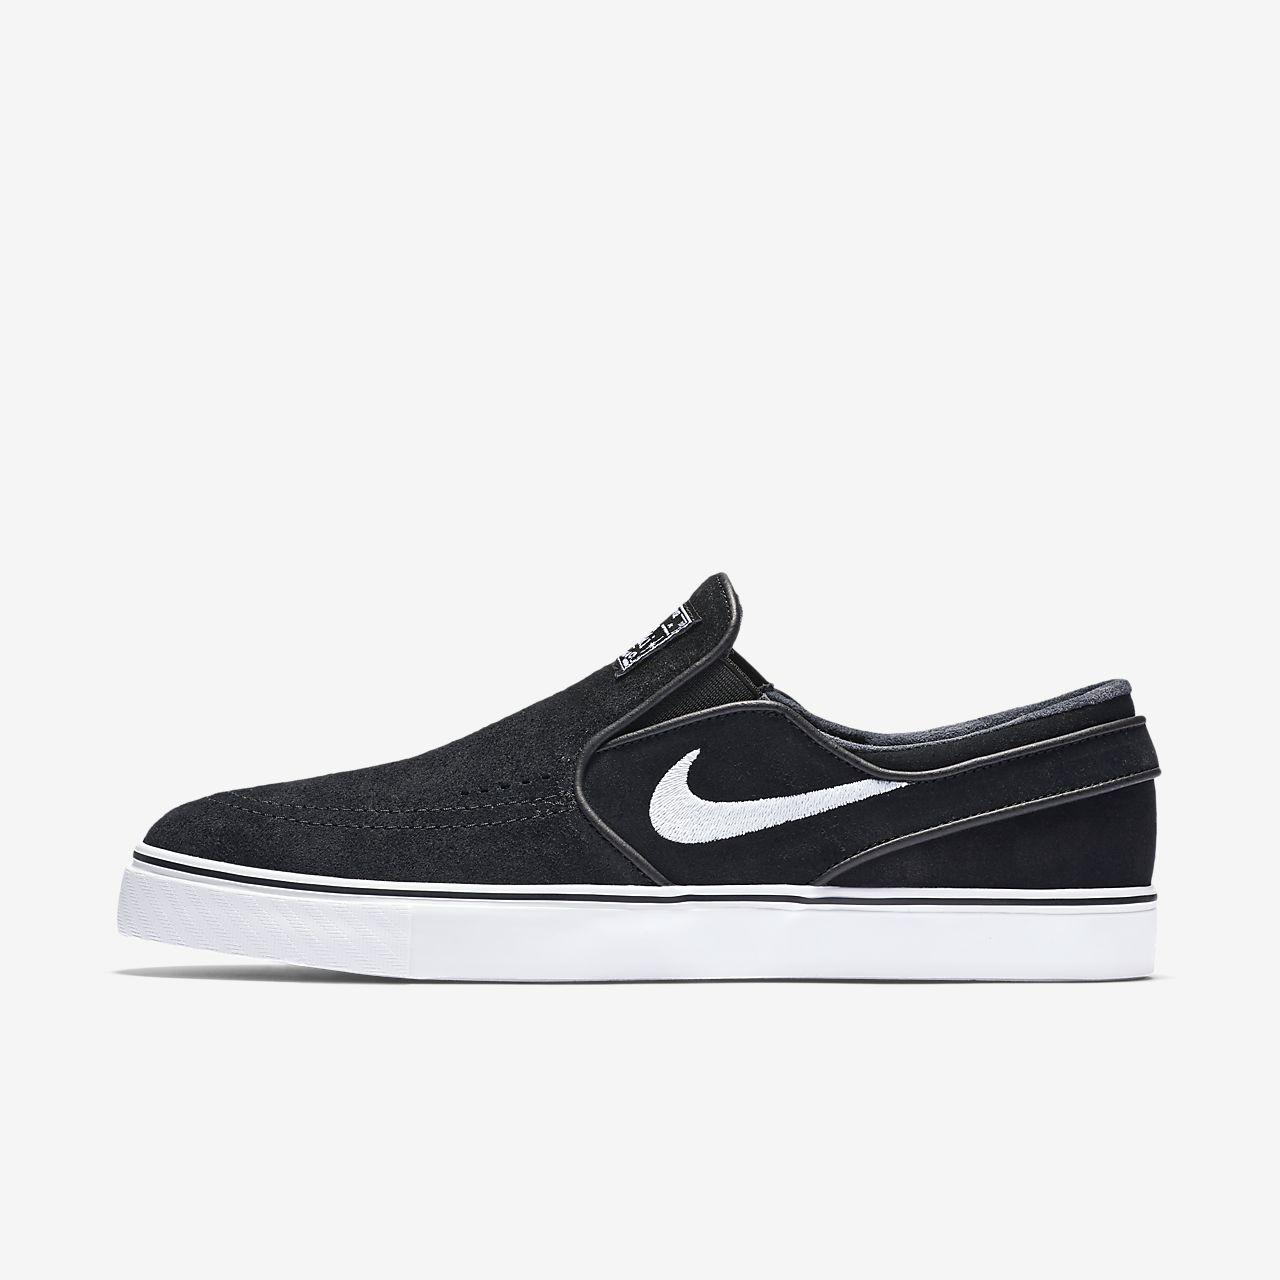 online retailer cec9c e8eea ... Nike SB Zoom Stefan Janoski Slip-On Men s Skateboarding Shoe